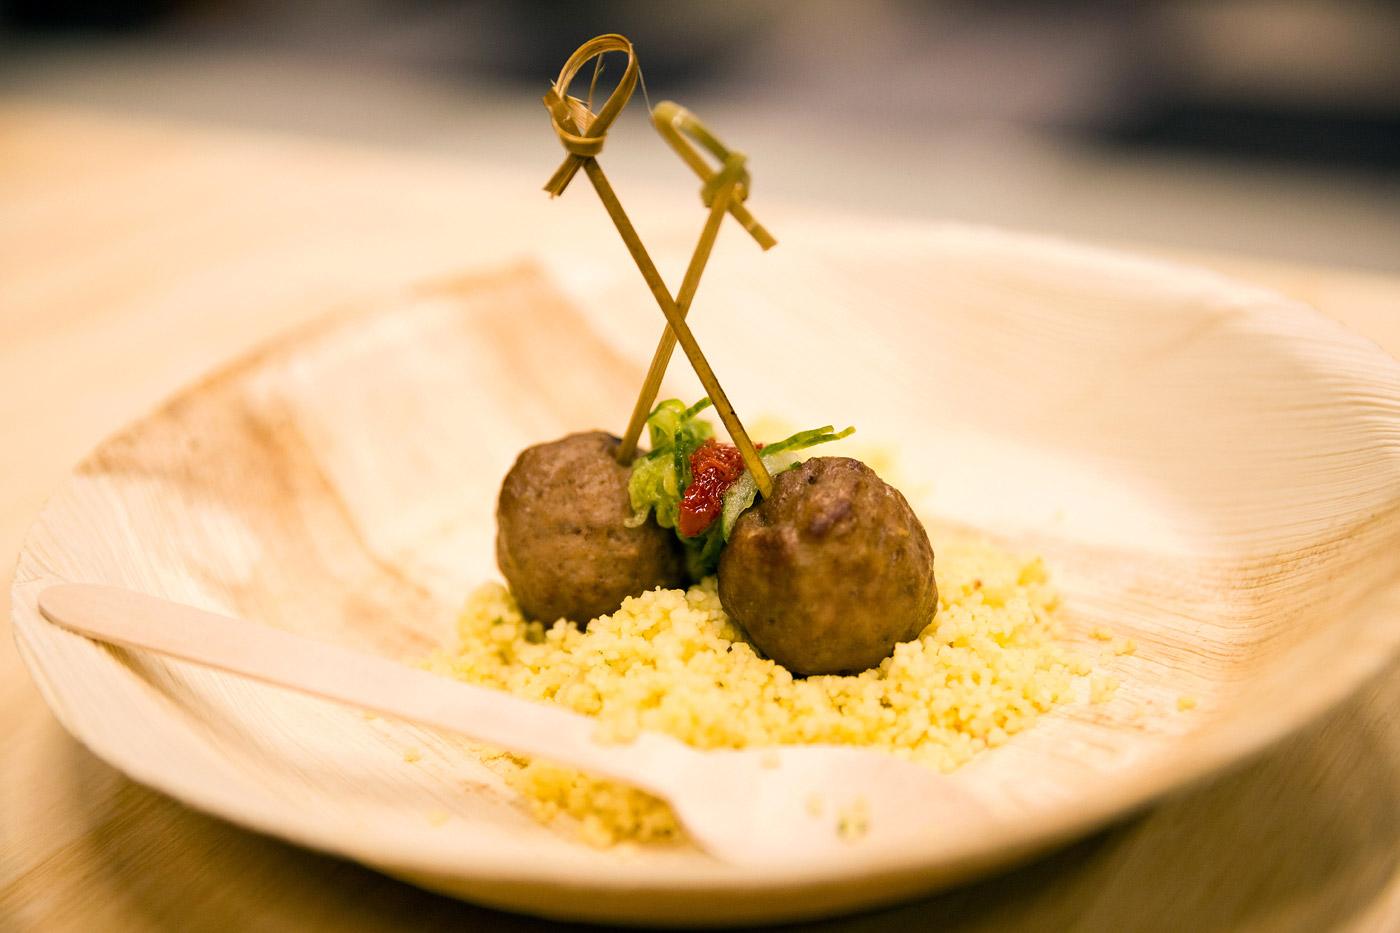 jacklinks-bifi-peperami-amsterdam-hutten-catering-receptie-eten-food